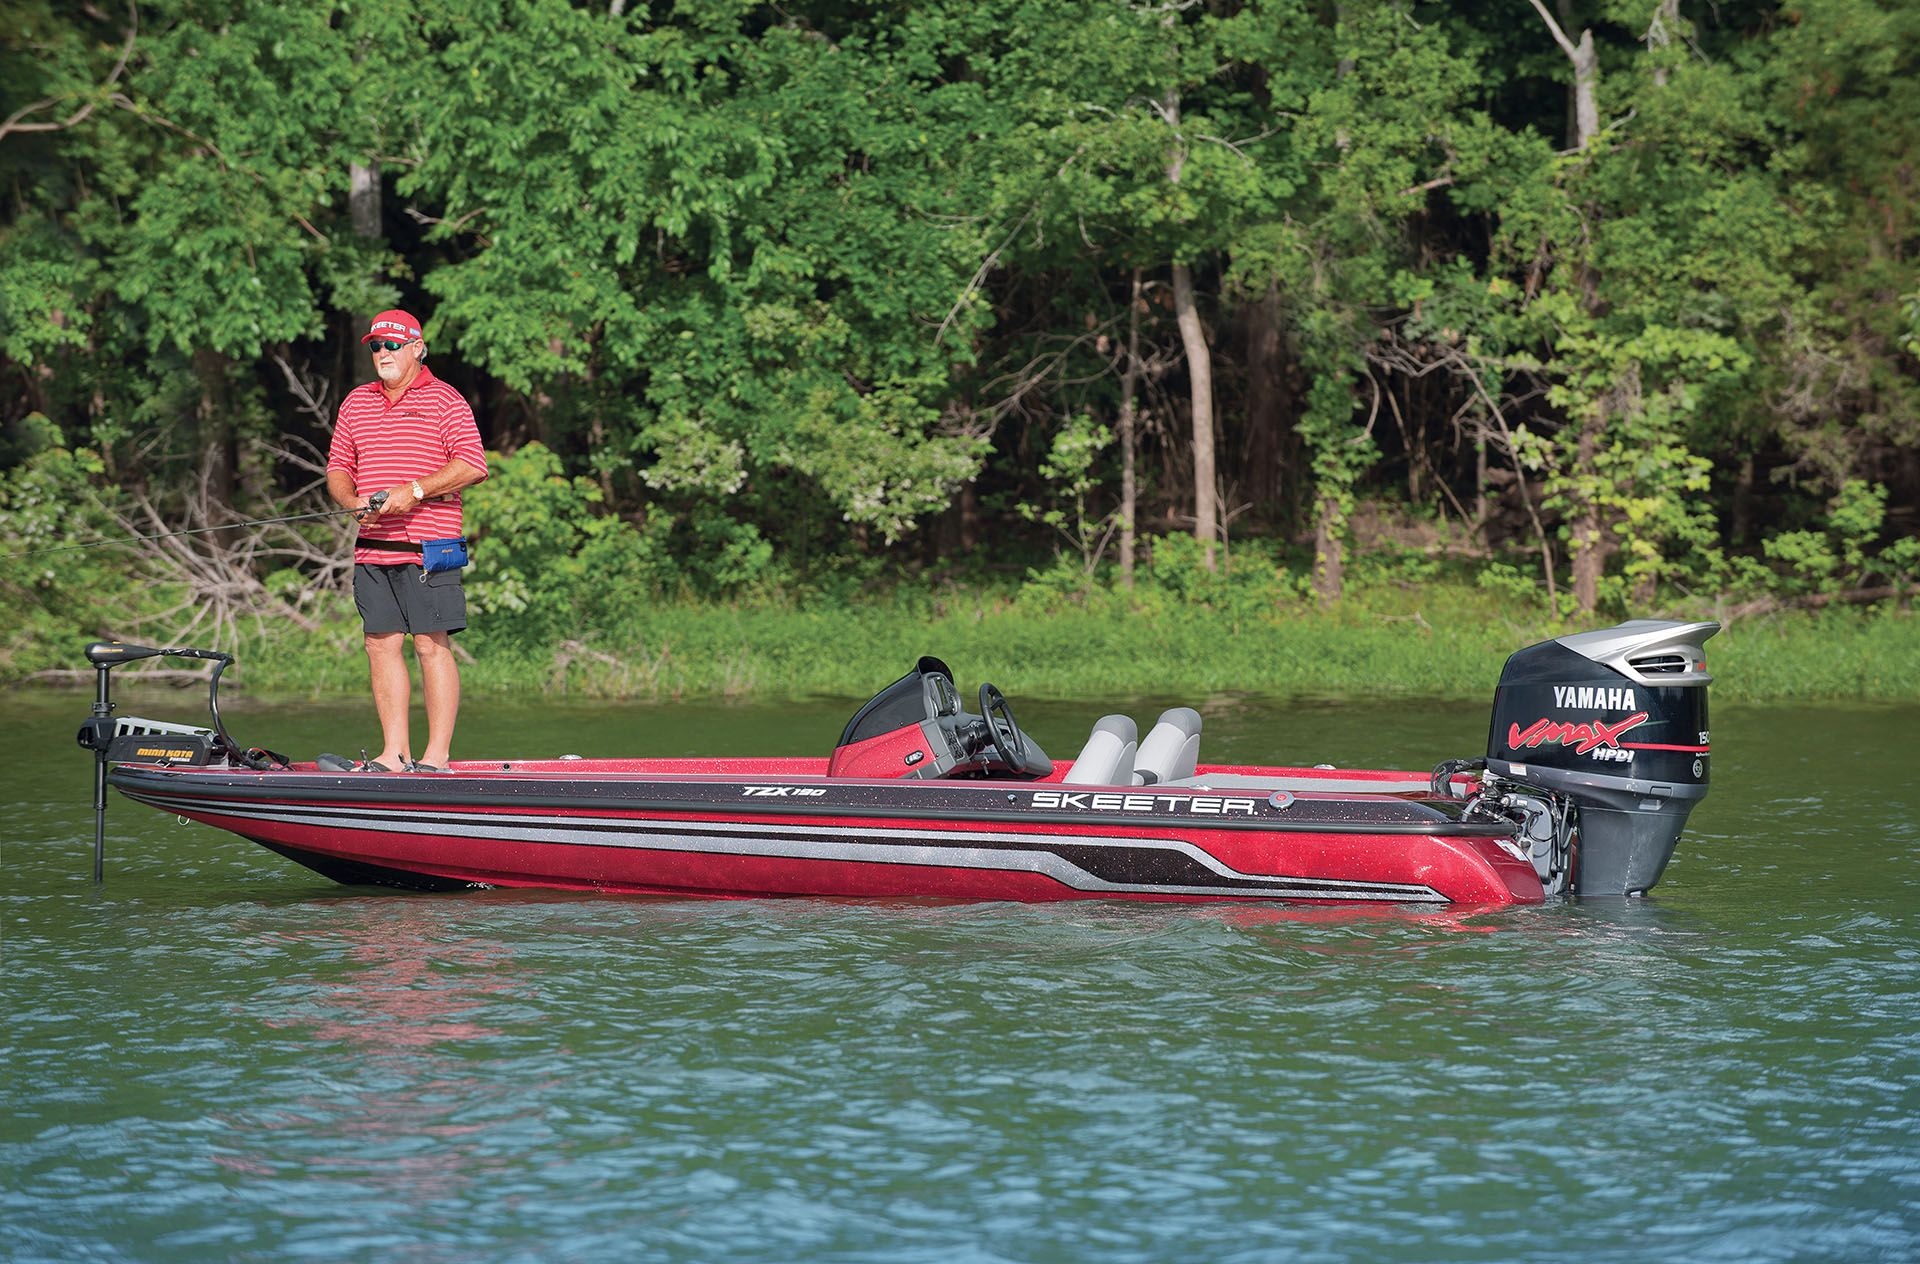 Skeeter Tzx190 バスボート ボート バス